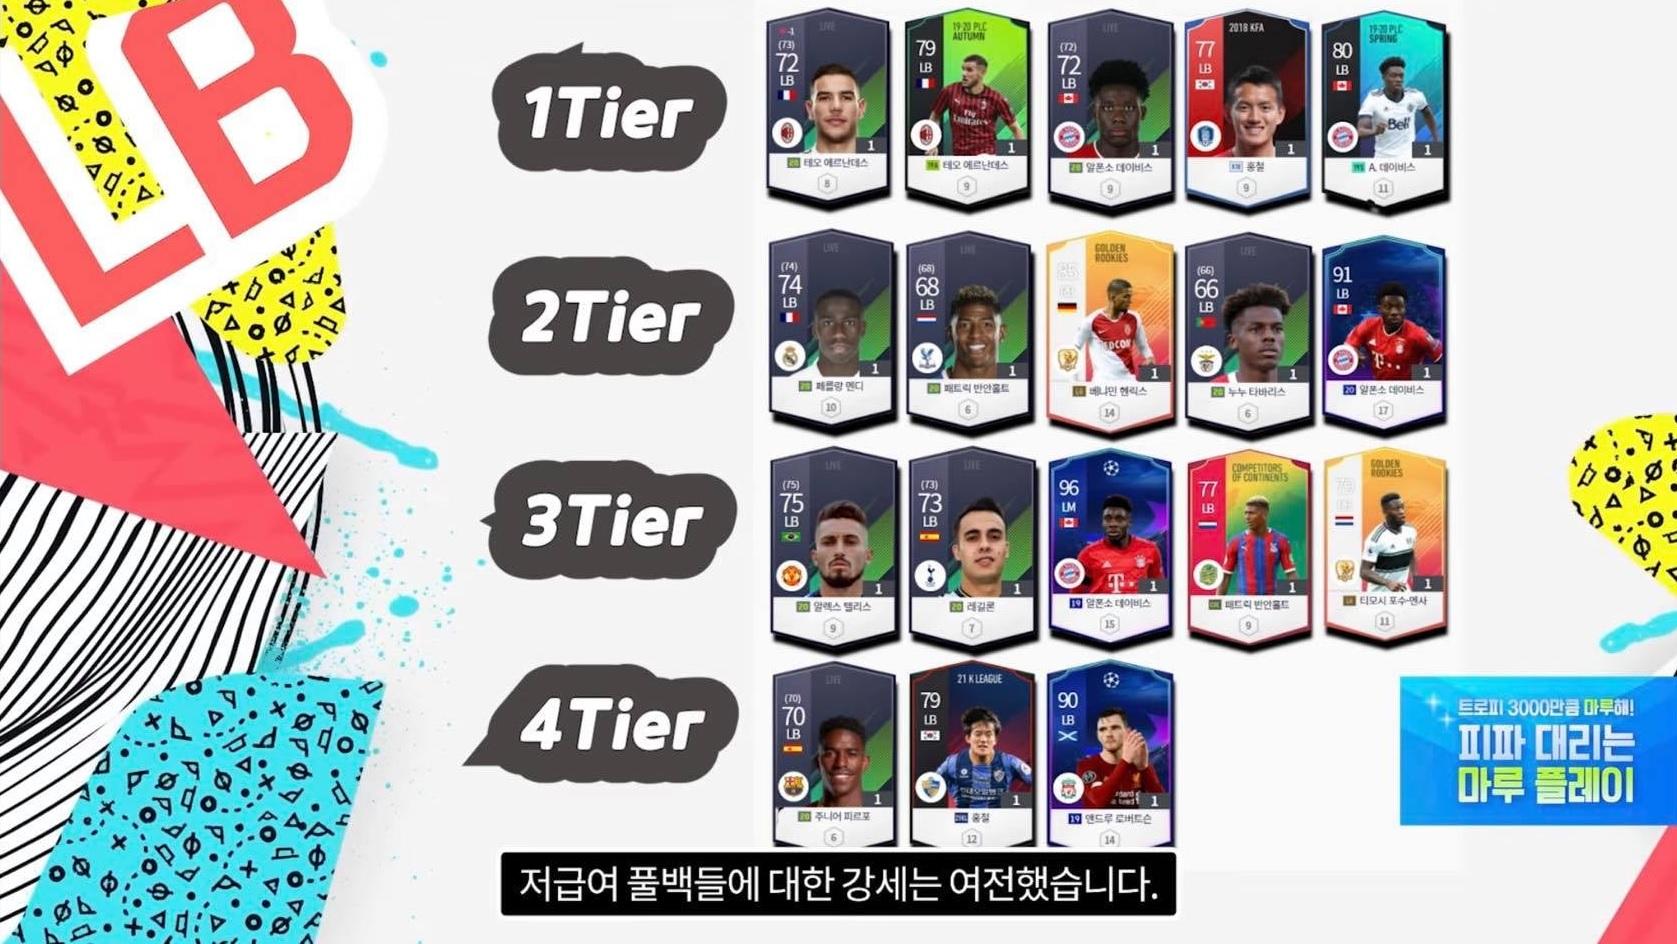 FIFA ONLINE 4   Bảng tổng hợp xếp hạng các cầu thủ được ưu chuộng tại server Hàn Quốc theo từng vị trí